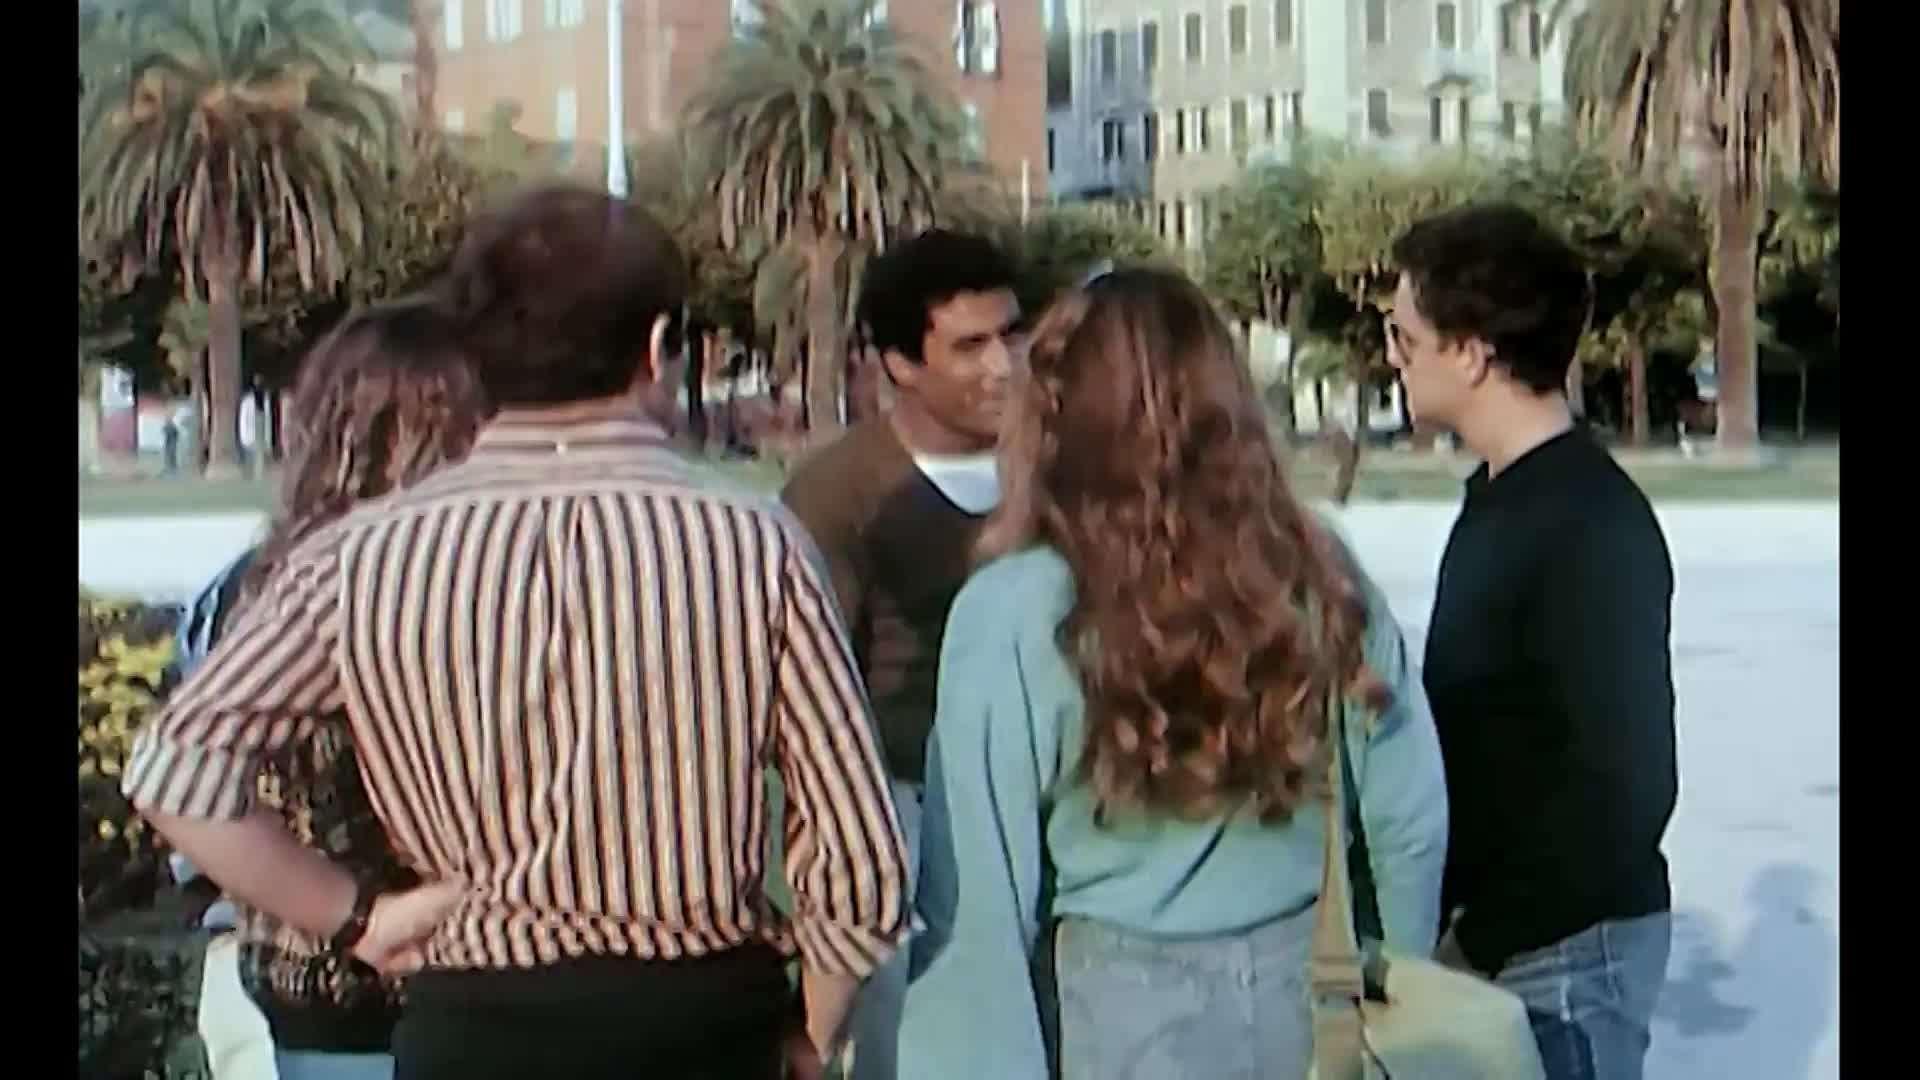 [فيلم][تورنت][تحميل][النمر الأسود][1984][1080p][Web-DL] 6 arabp2p.com